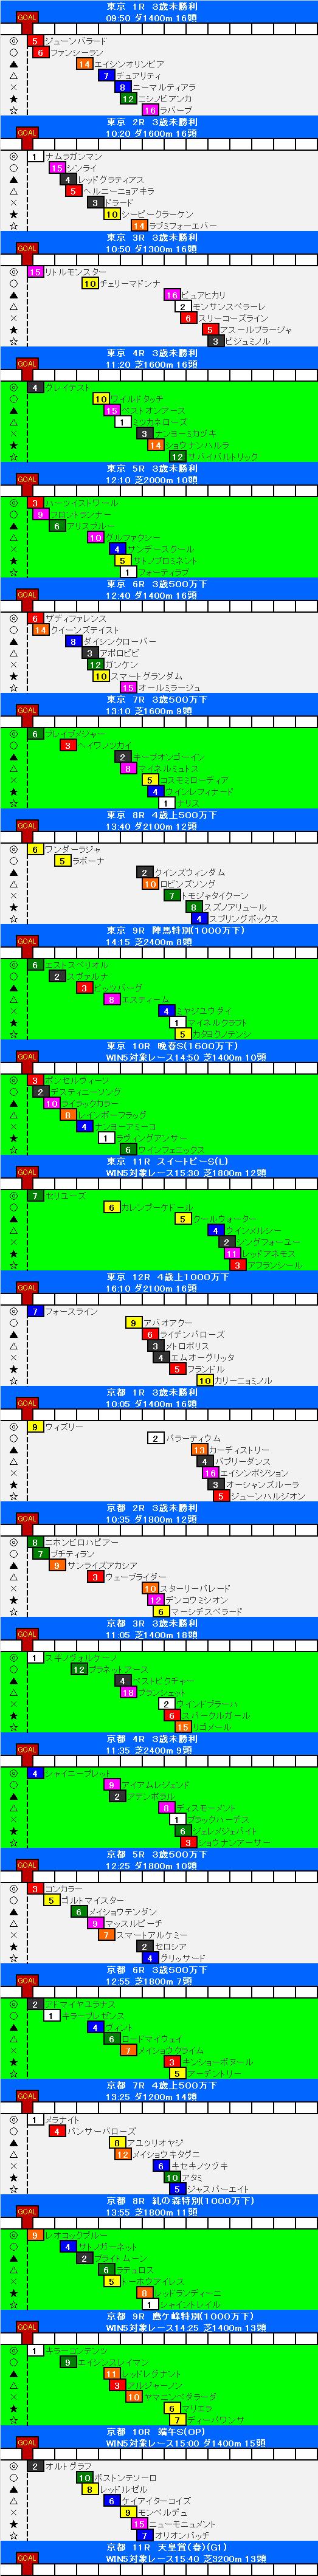 競馬 予想 東京 場